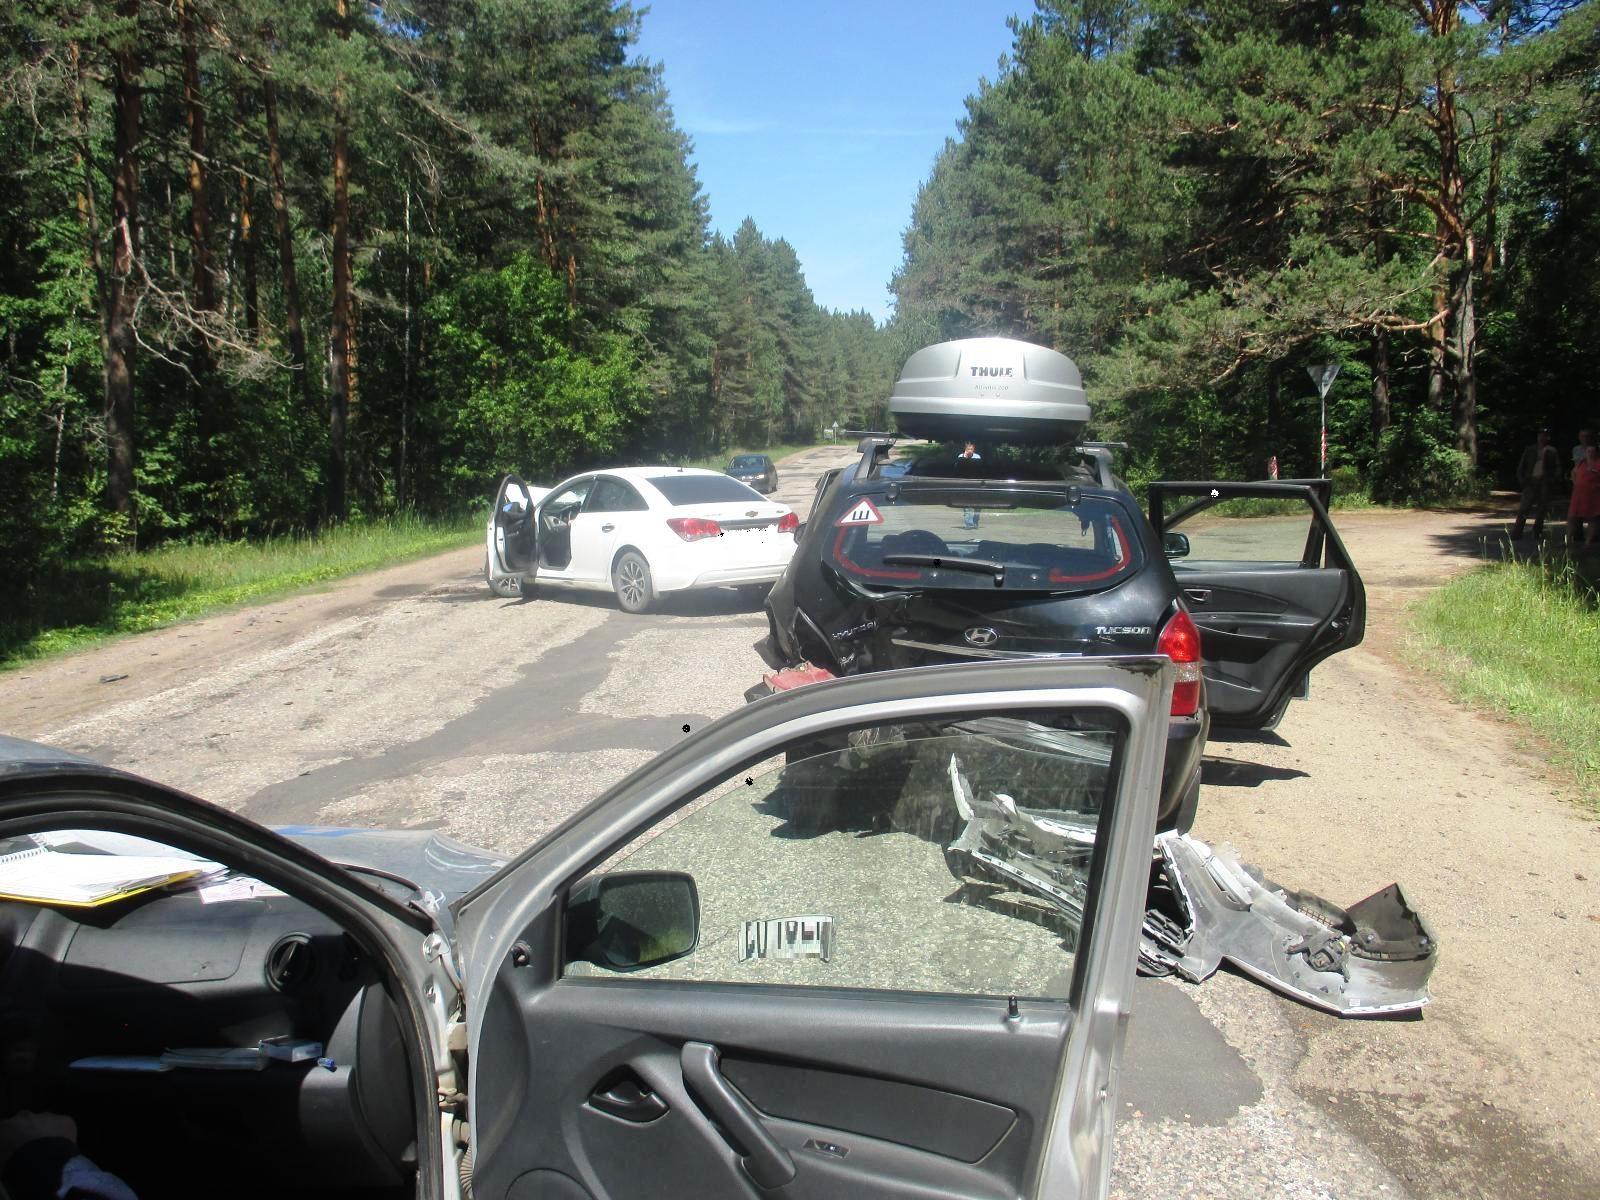 Двое детей и женщина пострадали в «пьяном» ДТП в Ярославской области